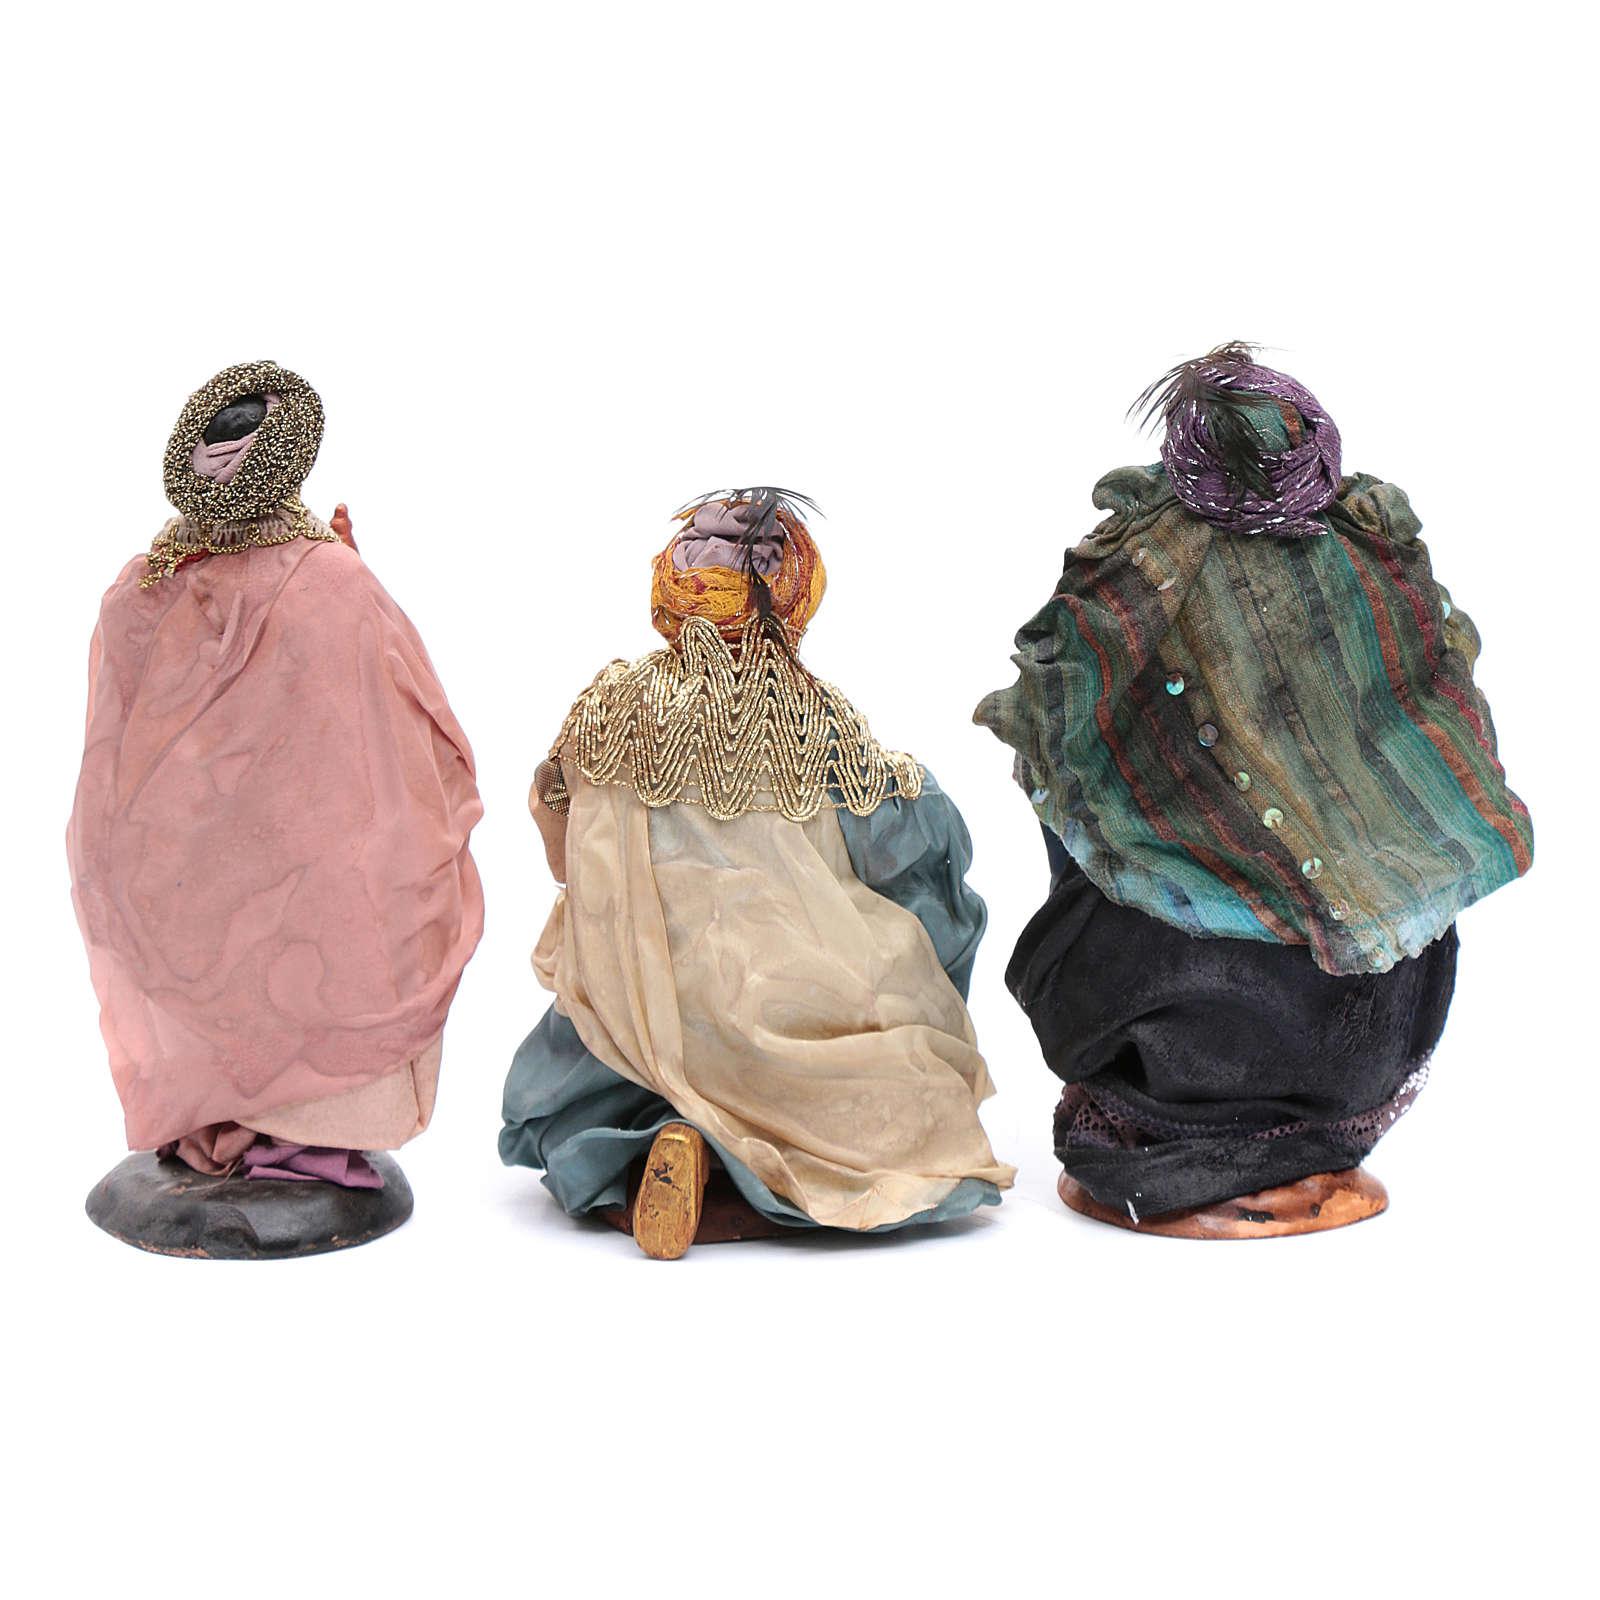 Neapolitan nativity figurines, Magi 18cm 4